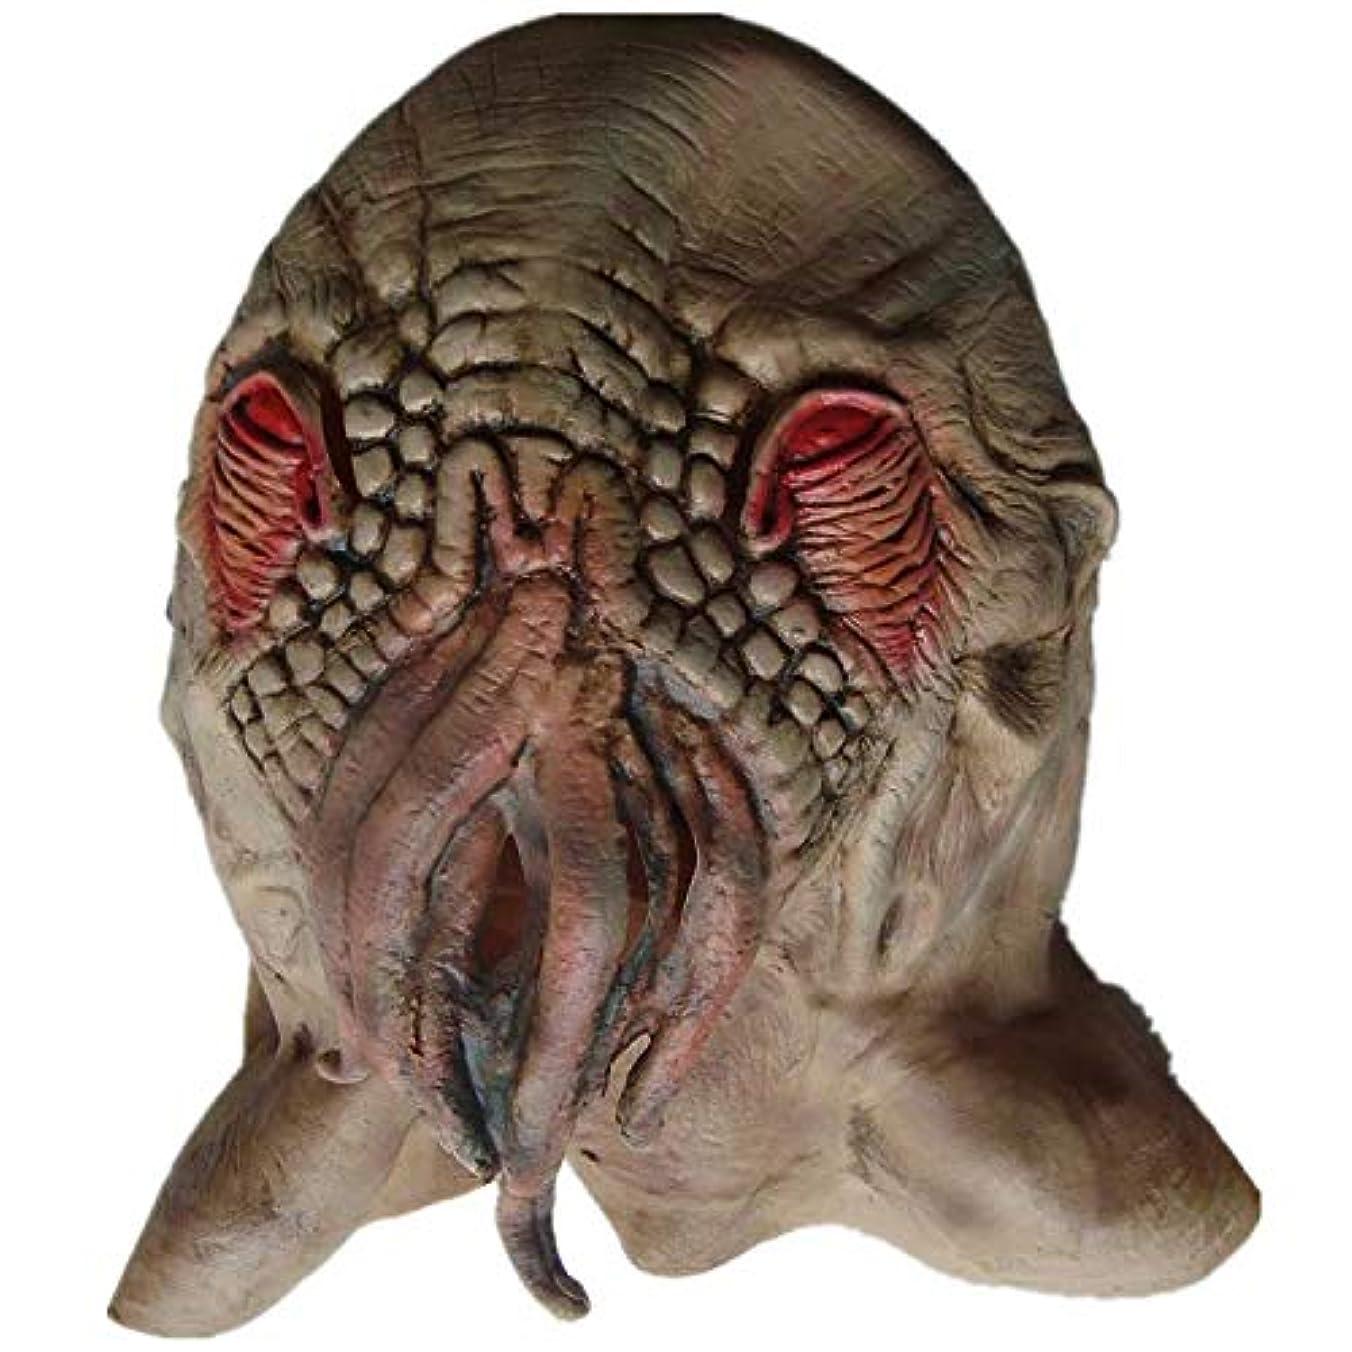 物理アーサーピジン動物の頭部カバーラテックスエイリアンモンスタータコはタコハロウィンドレスアップマスクマスク